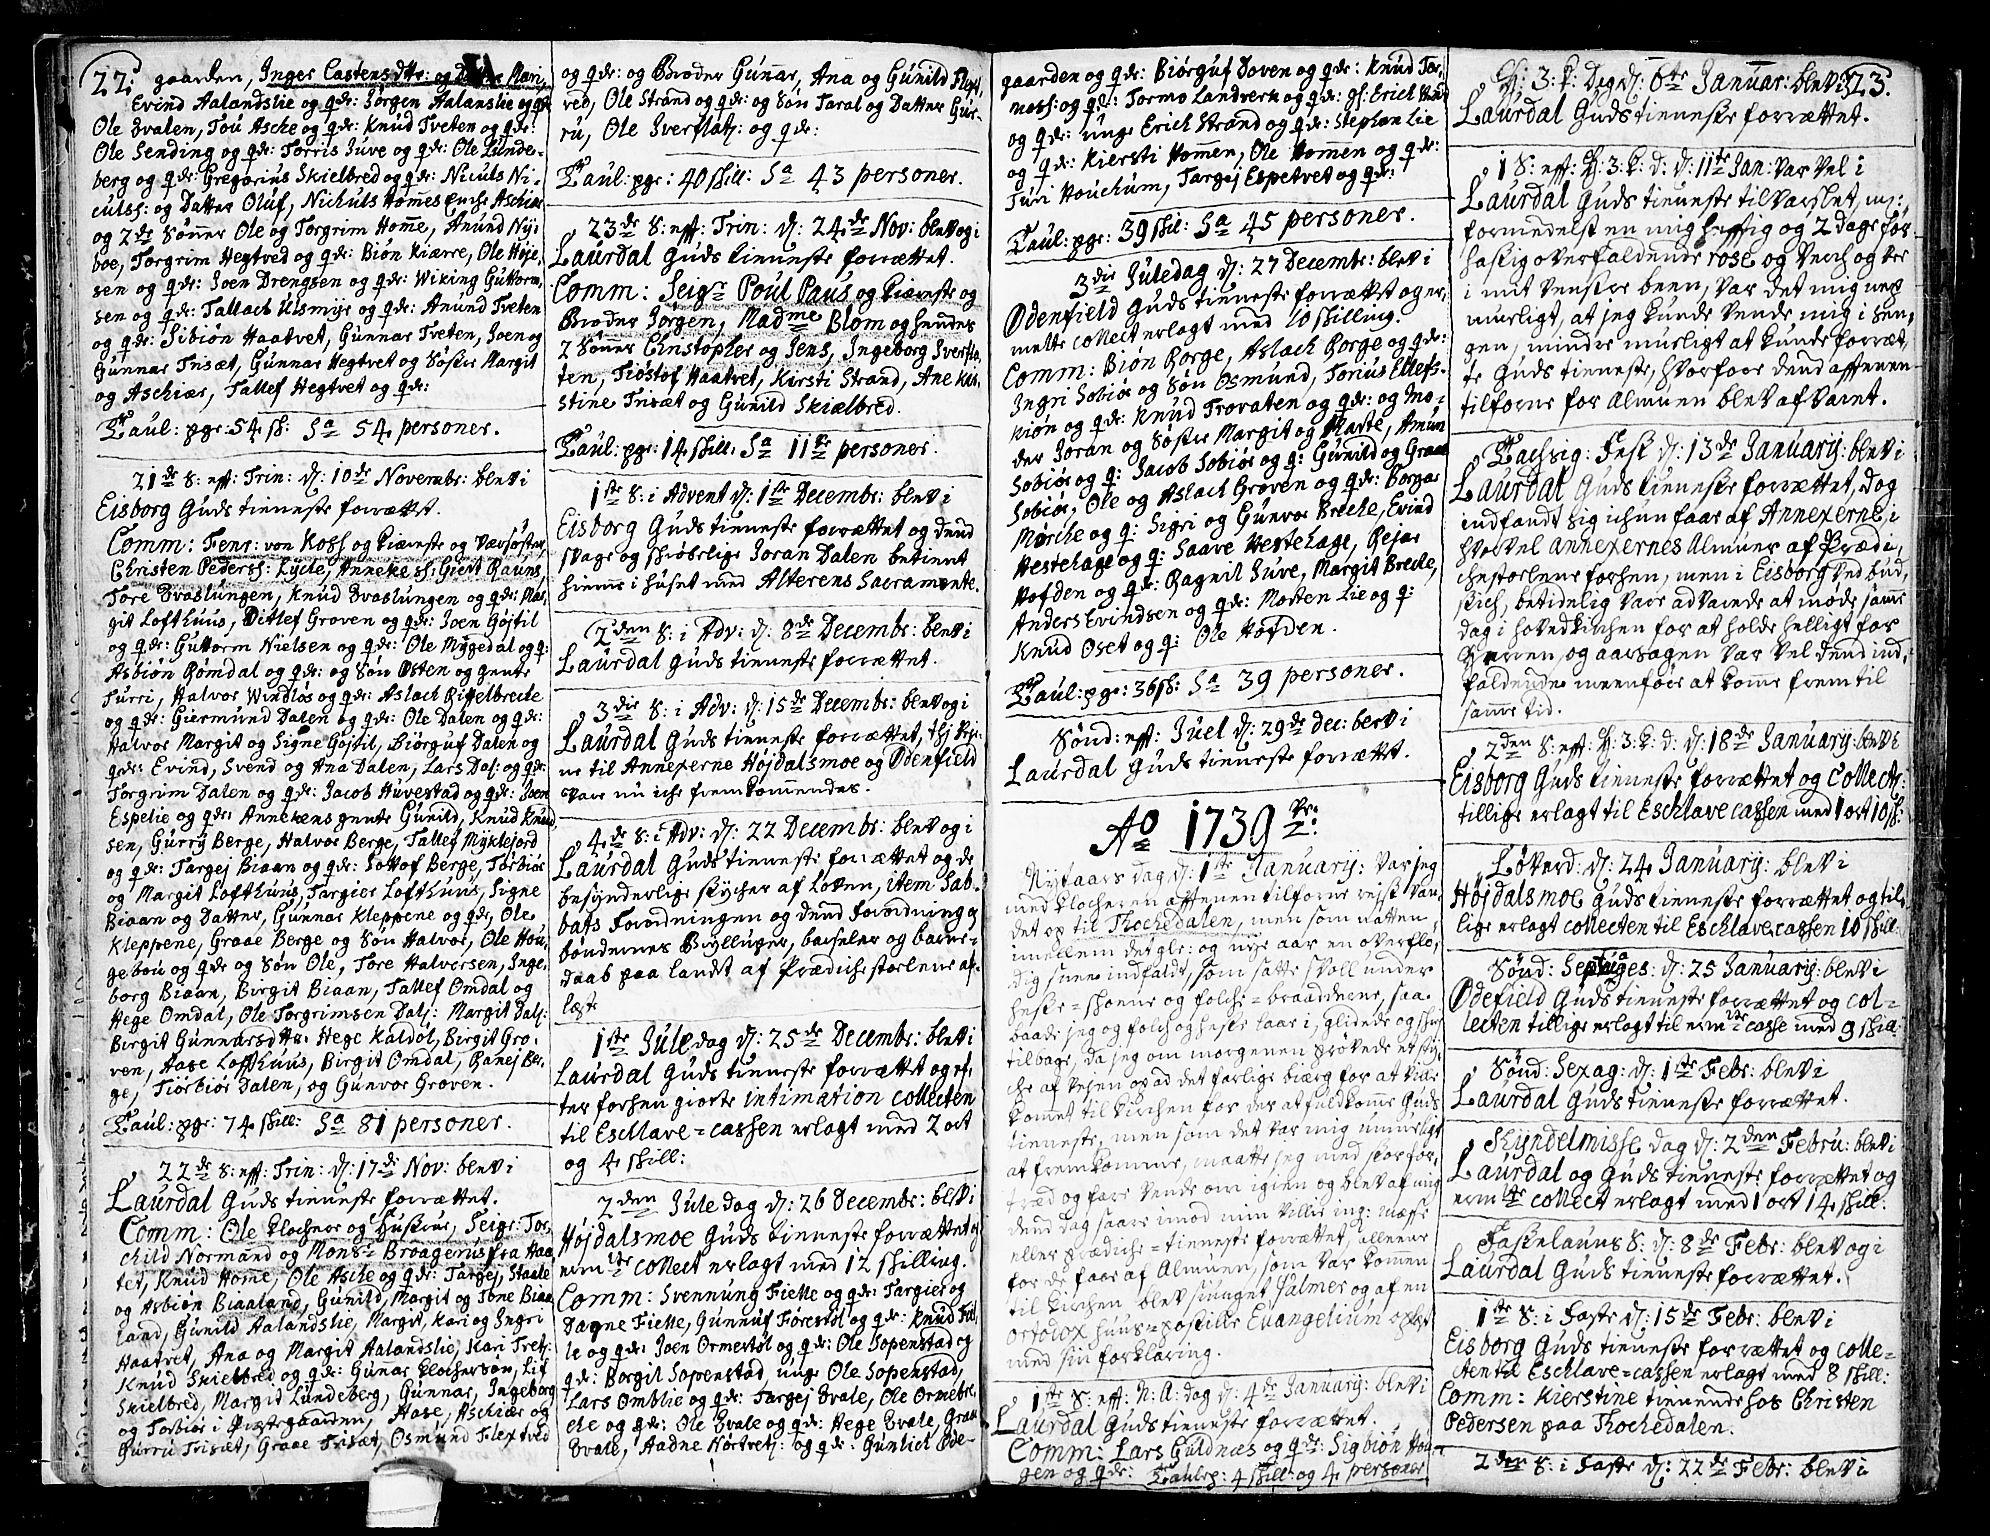 SAKO, Lårdal kirkebøker, F/Fa/L0002: Ministerialbok nr. I 2, 1734-1754, s. 22-23